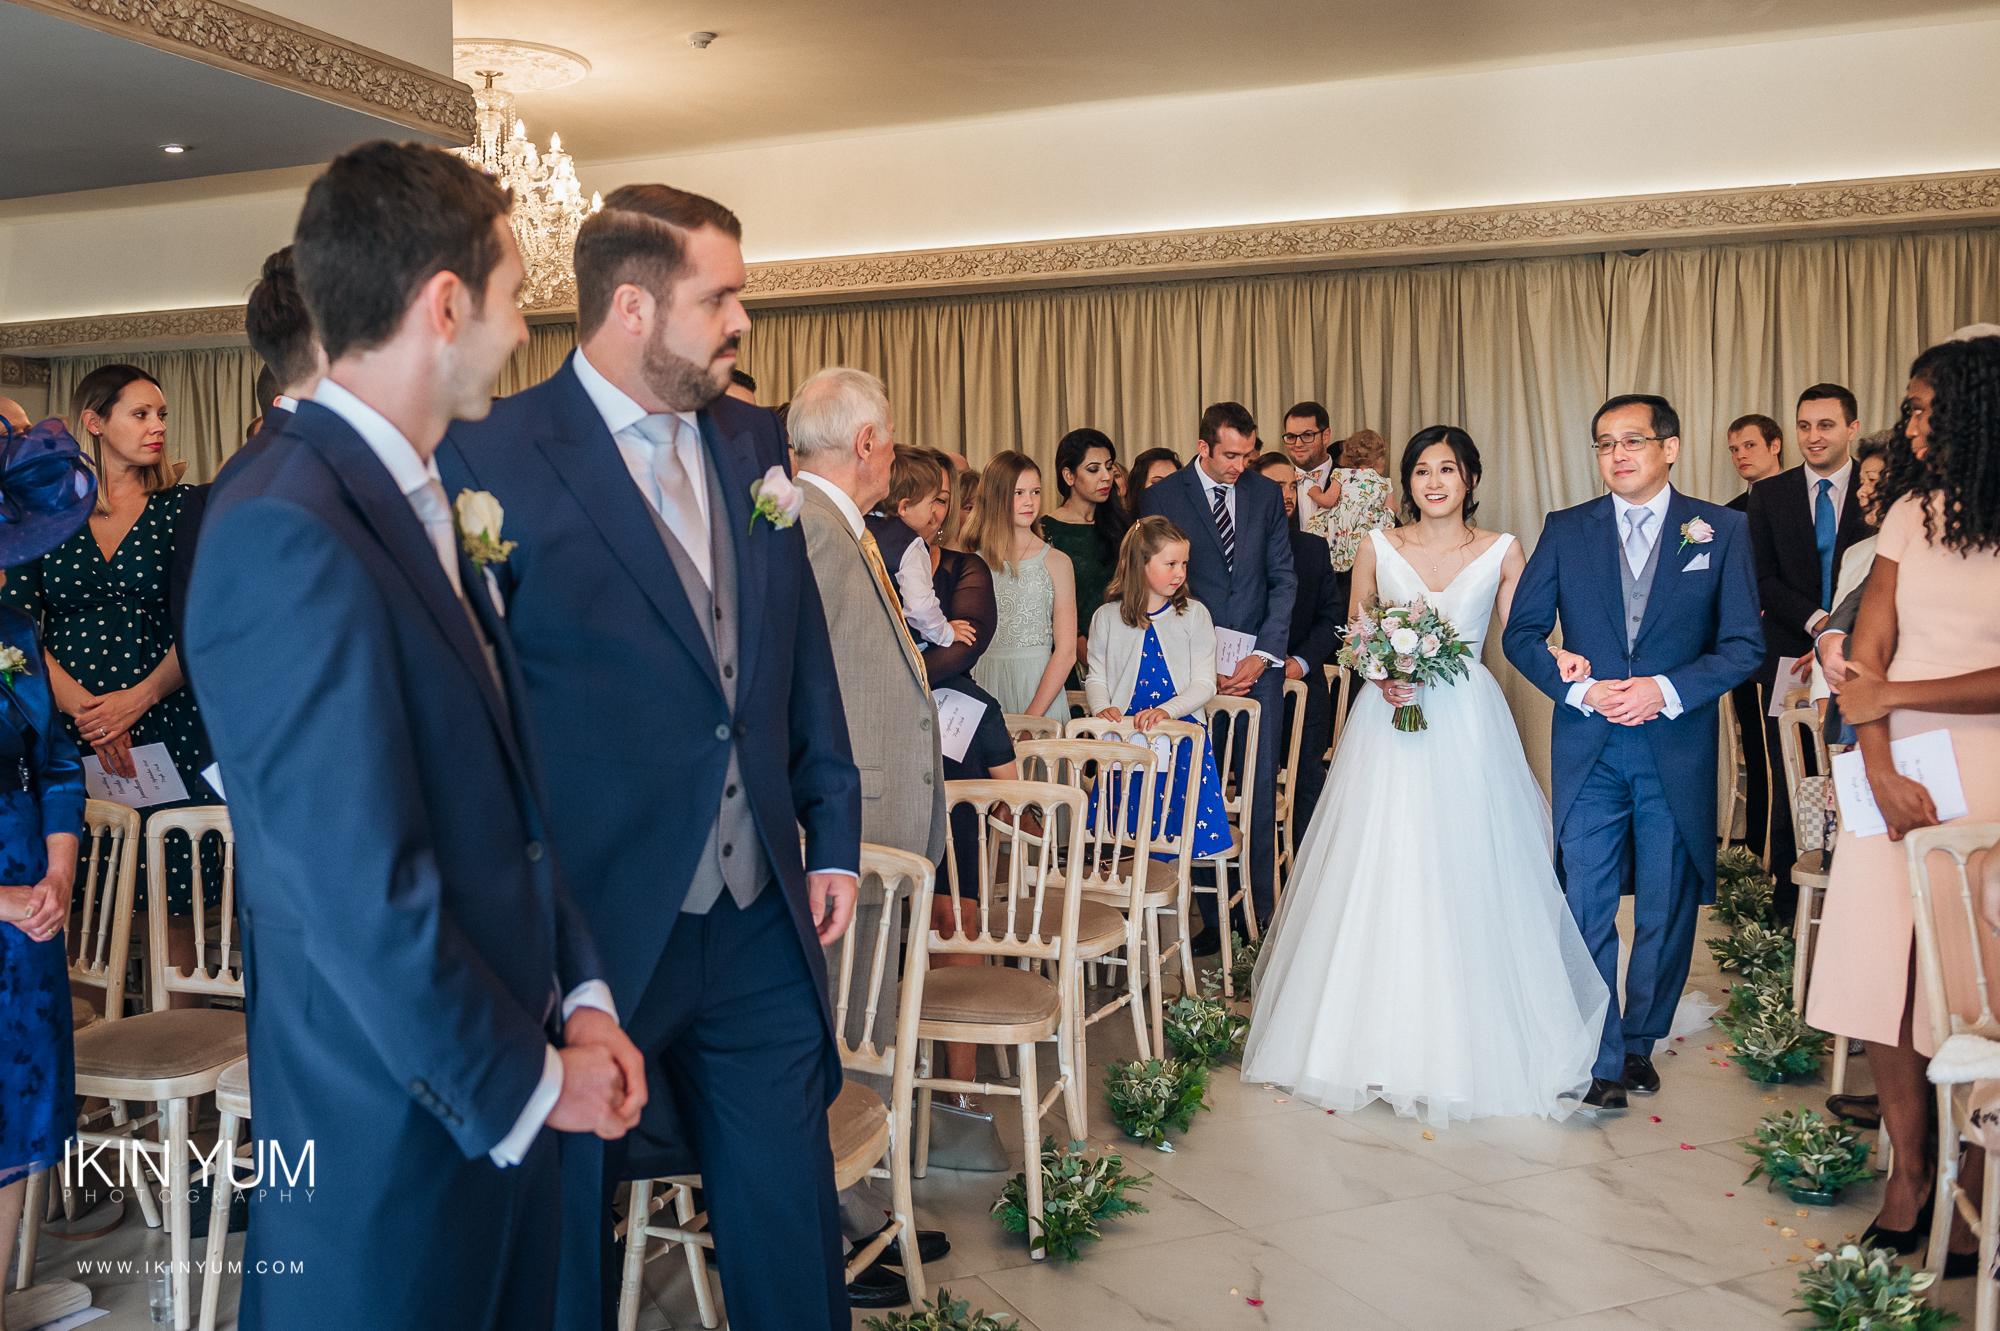 Nicola & Jonny Wedding Day - Ikin Yum Photography-050.jpg